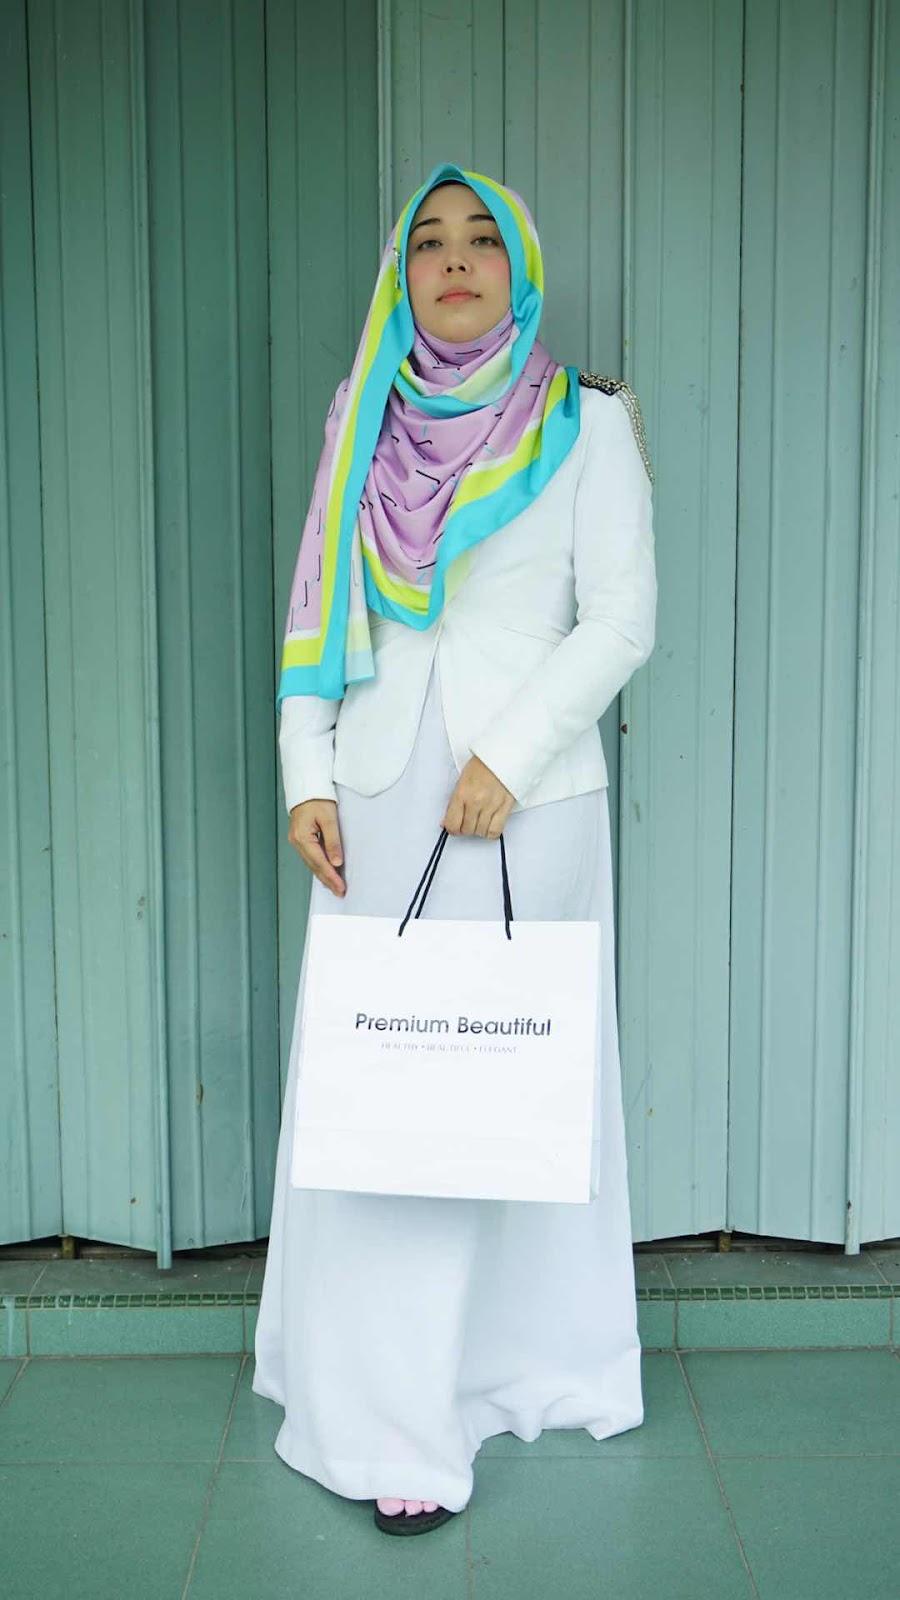 premium beautiful korset murah gombak kl